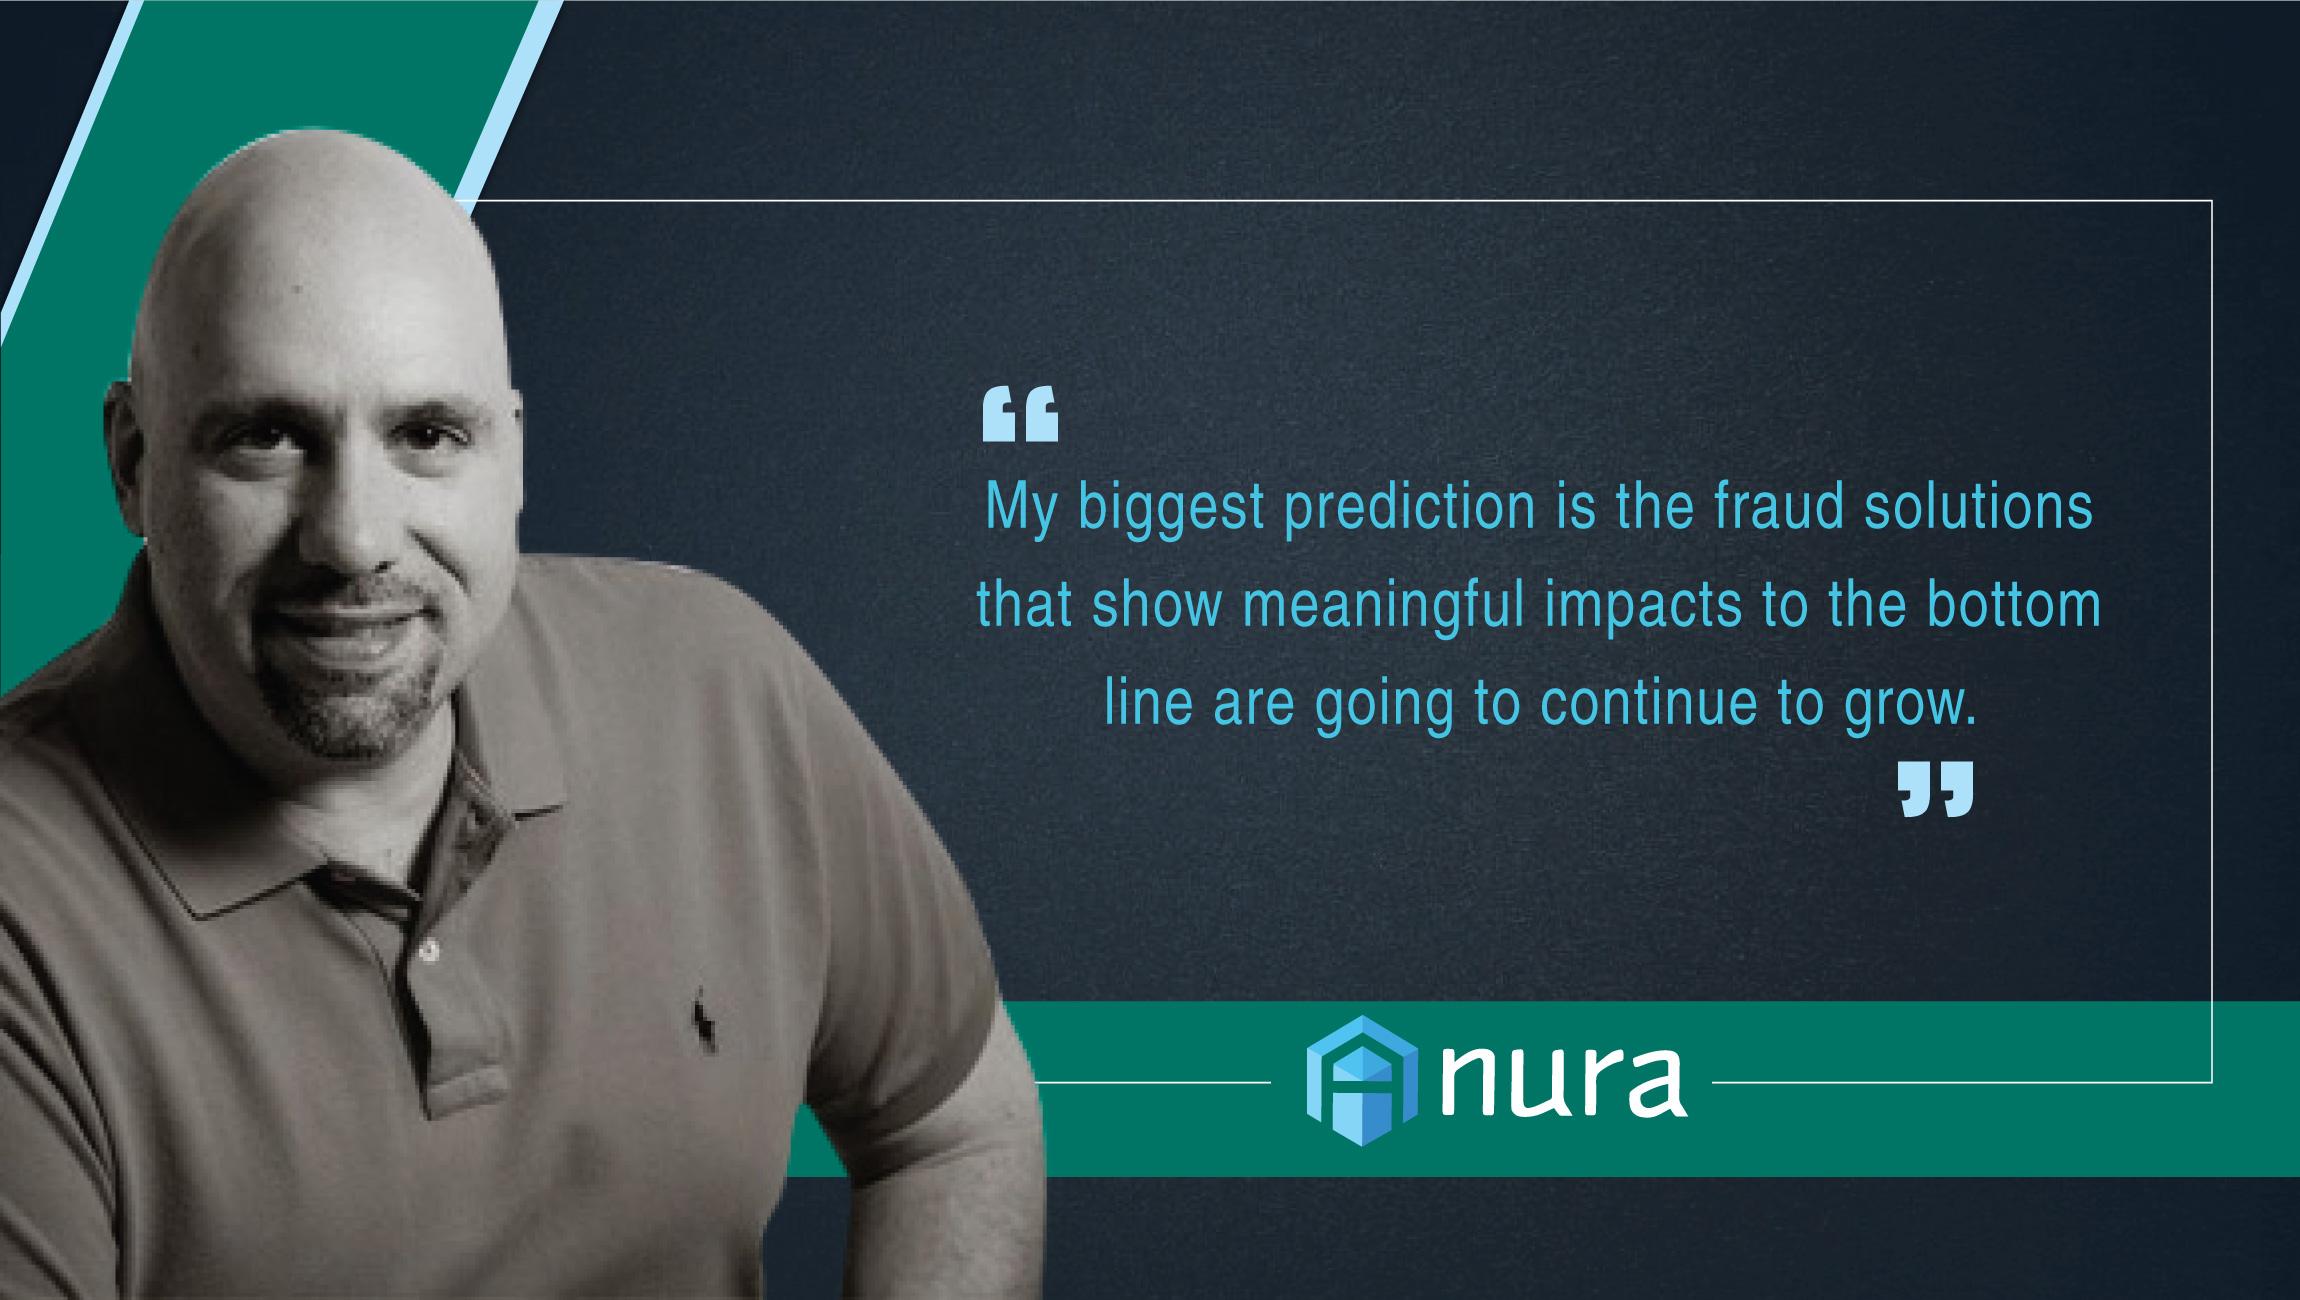 Rich Kahn, CEO and Founder, Anura.io